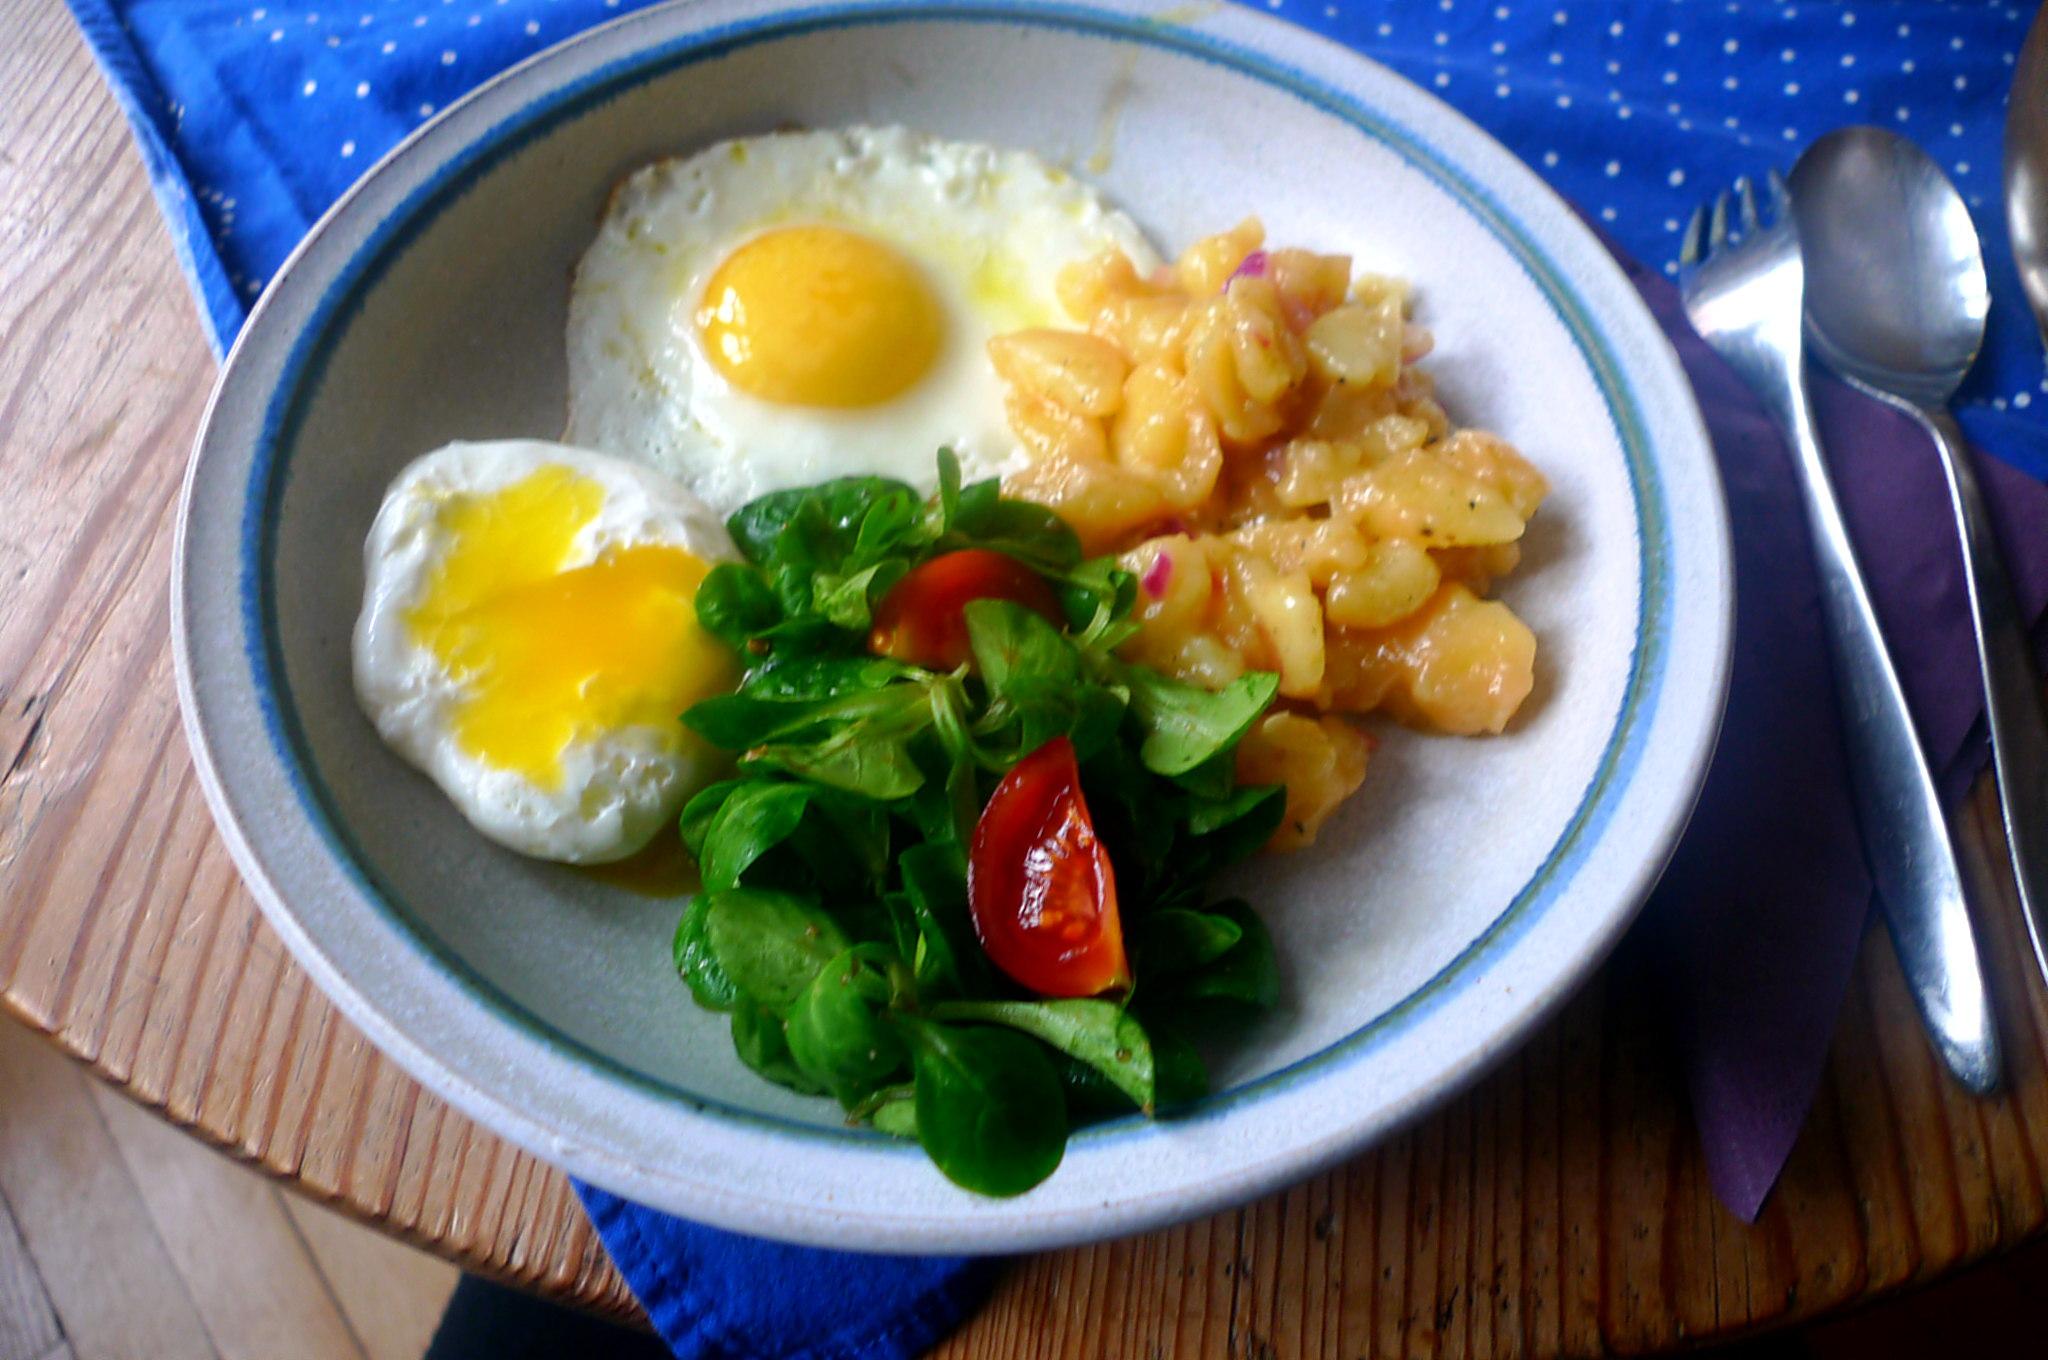 schwabischer-kartoffelsalatfeldsalatpochiertes-eispiegeleivegetarisch-13